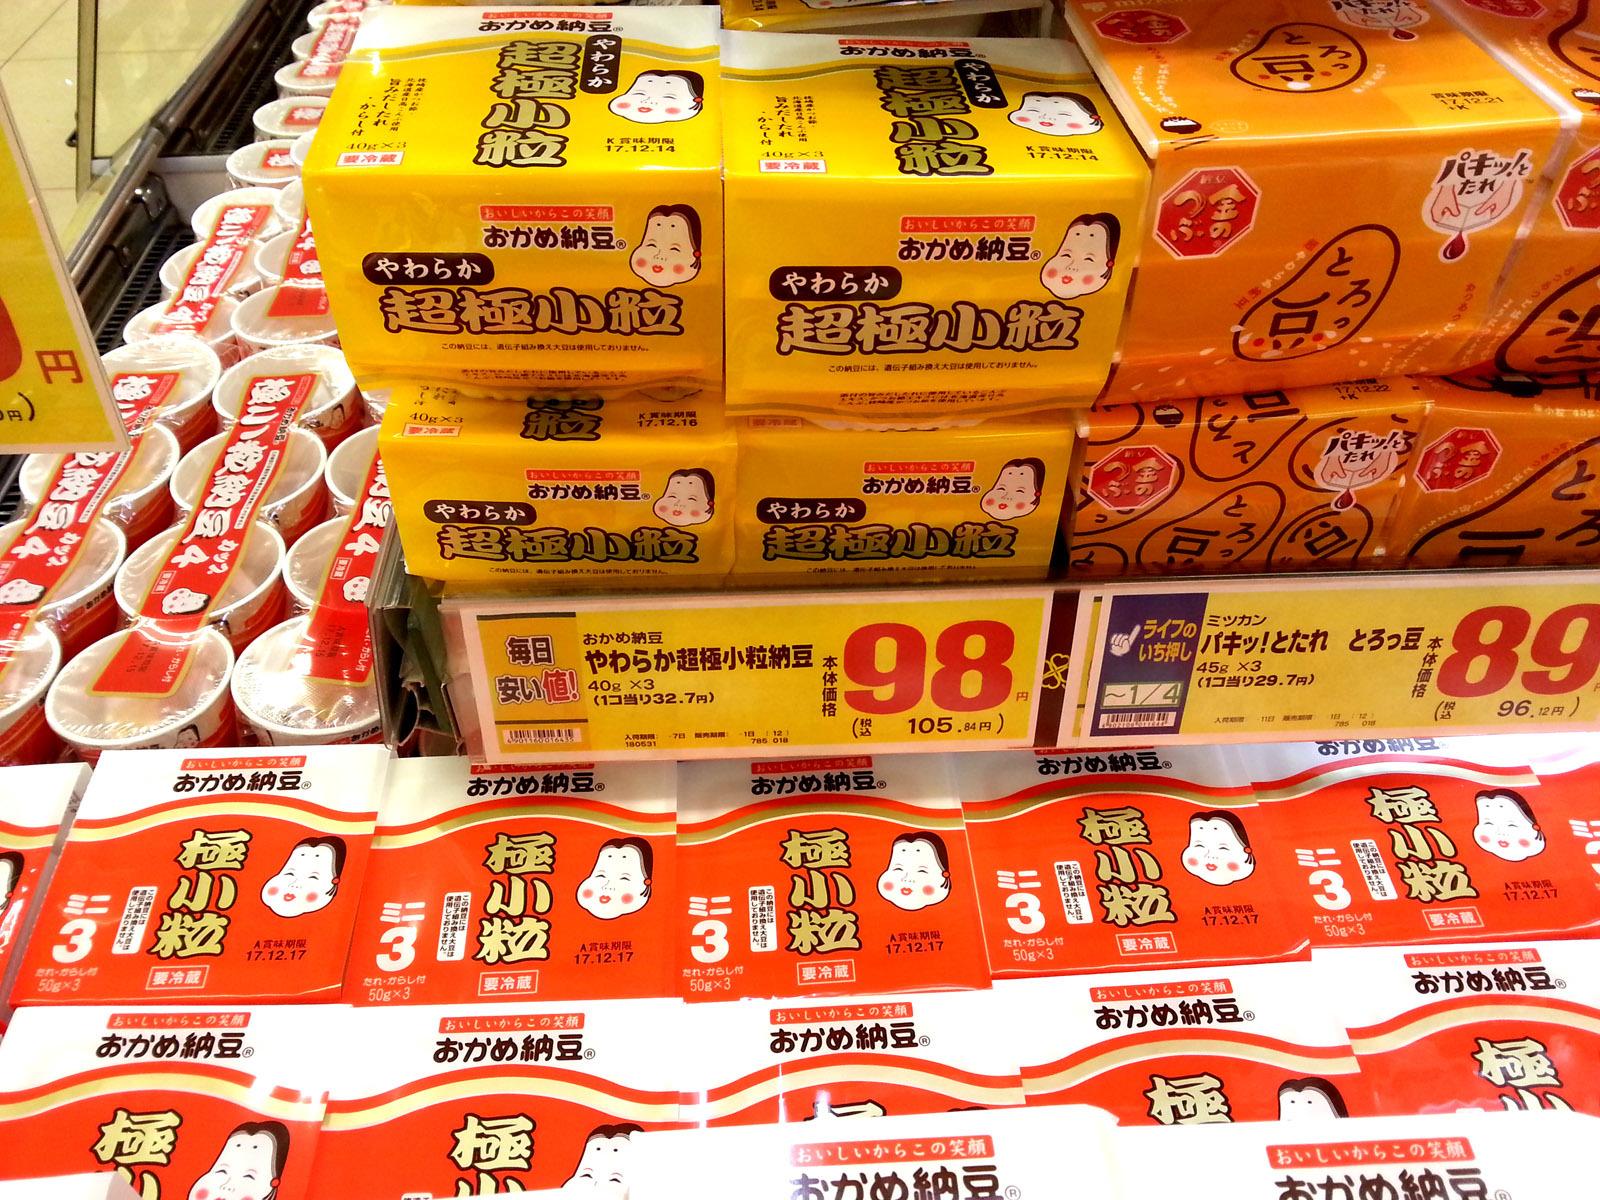 超極小粒納豆イエローパッケージ